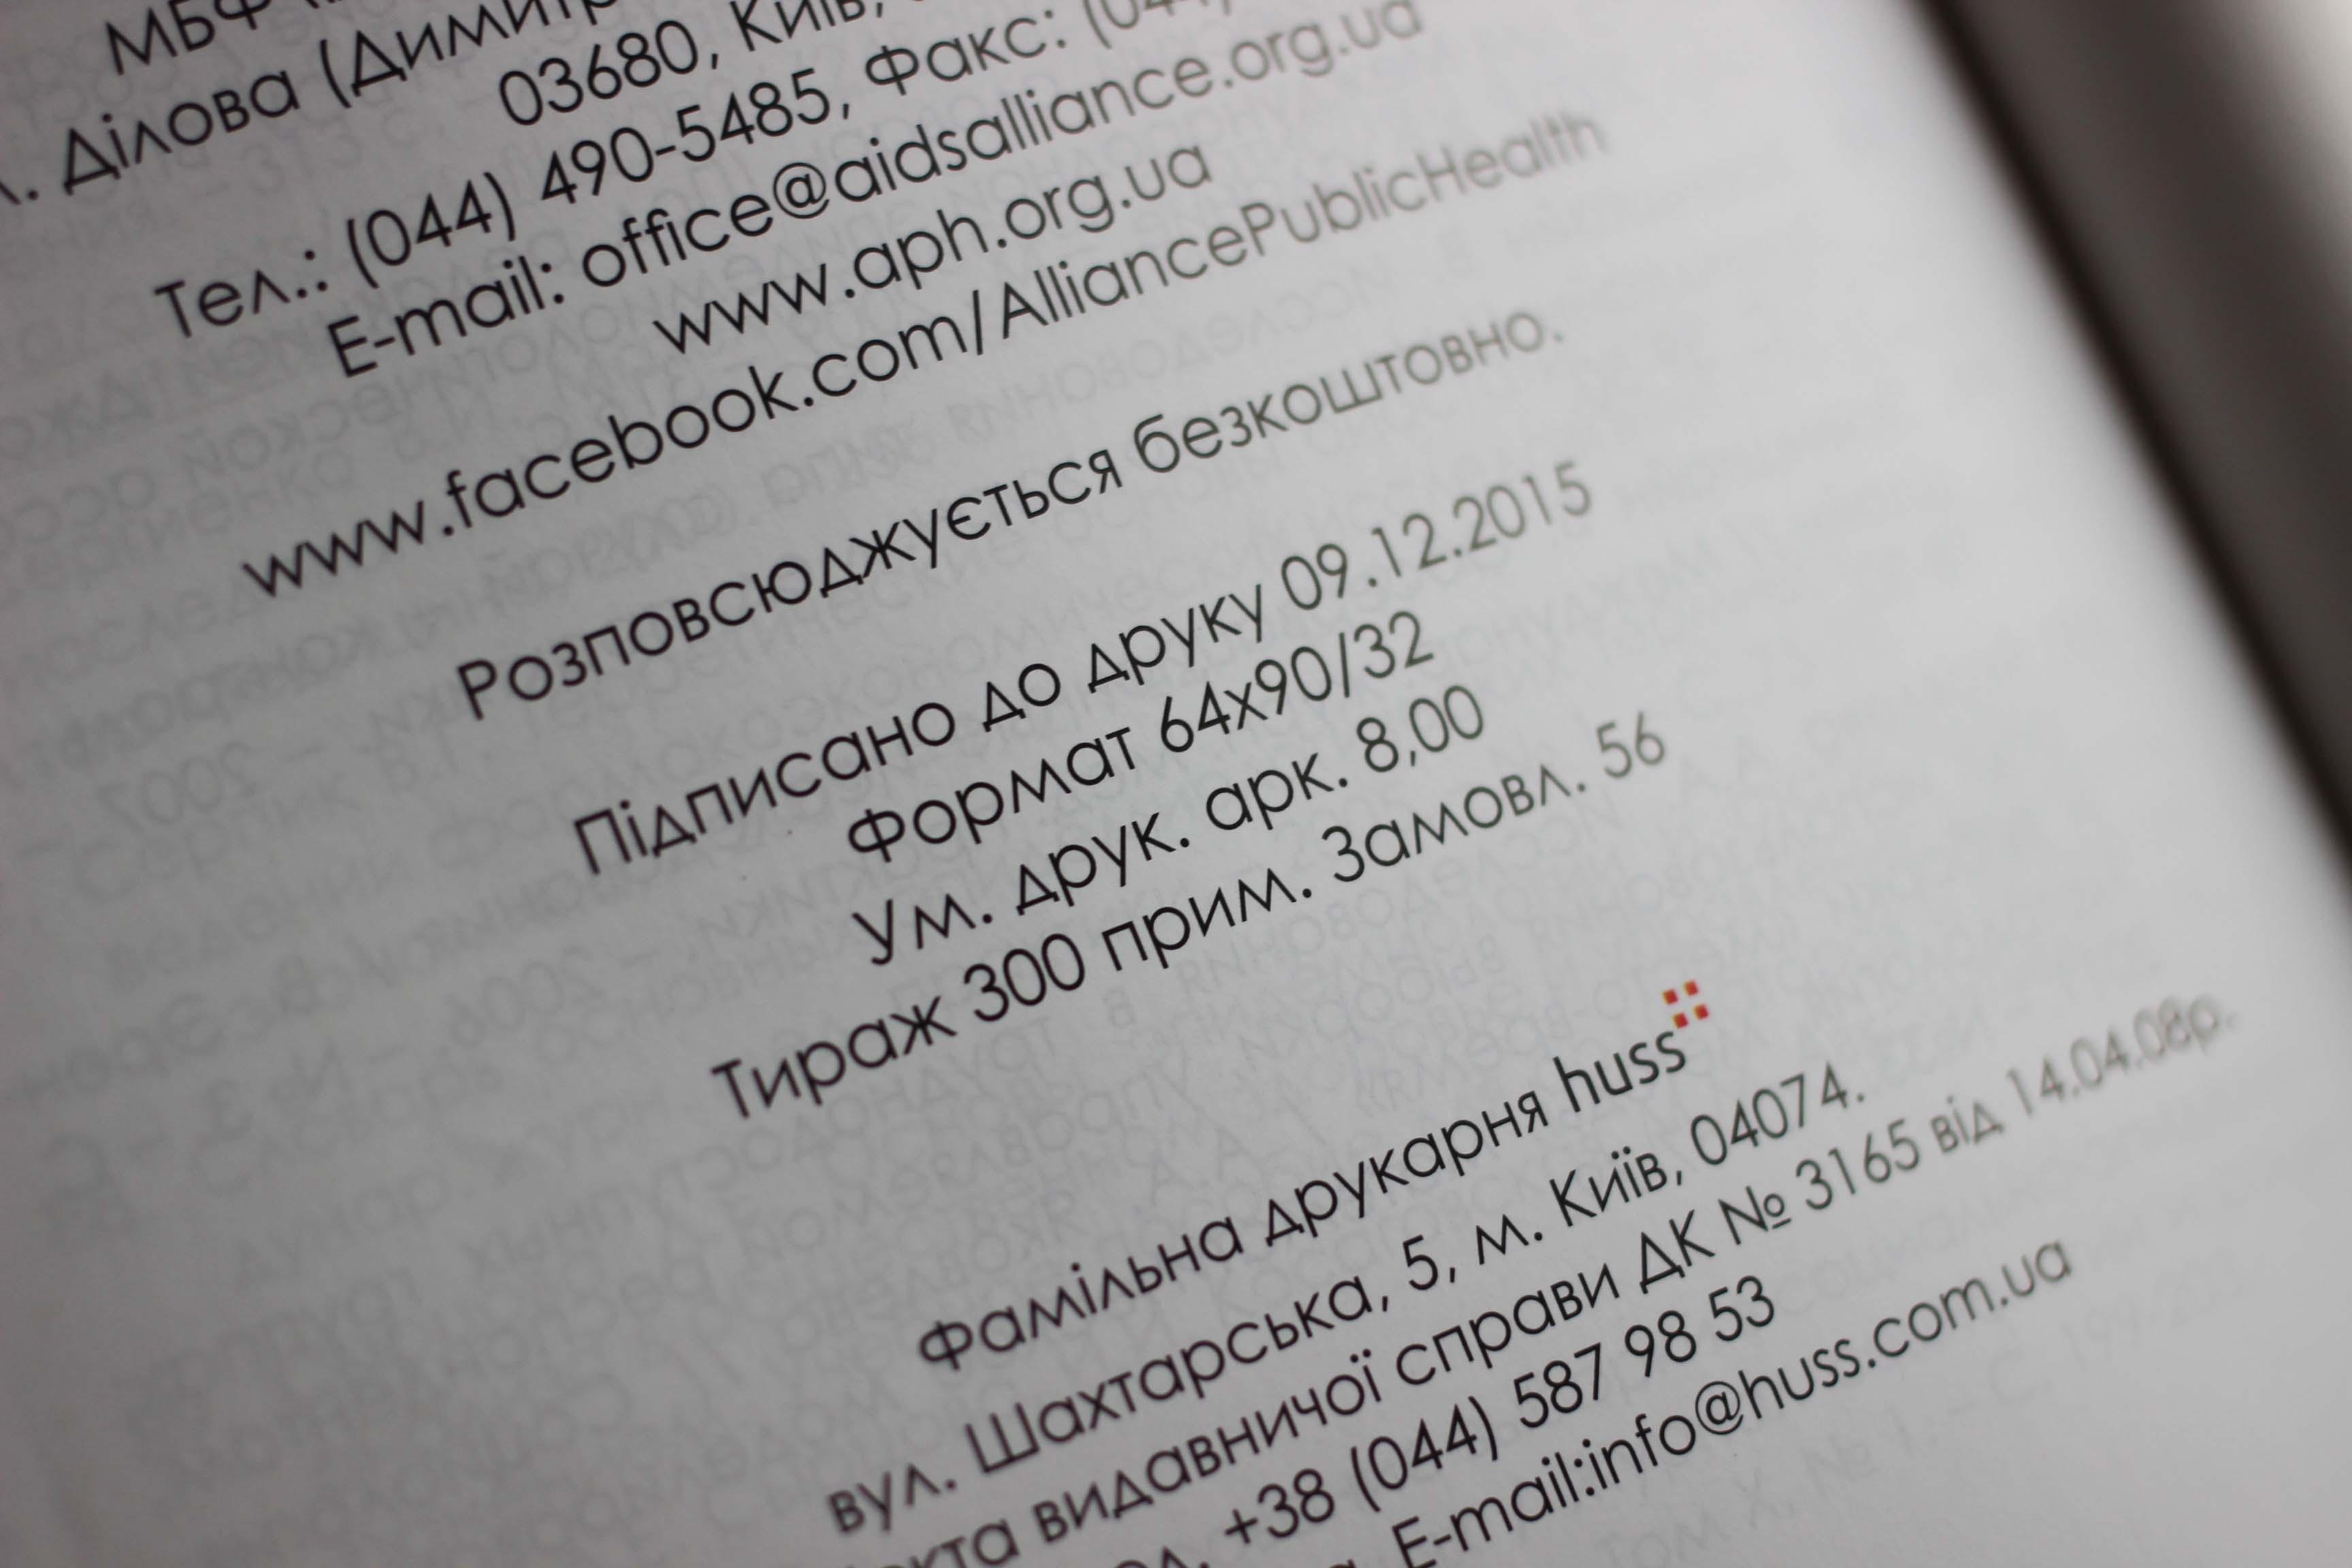 Печать книг типография huss